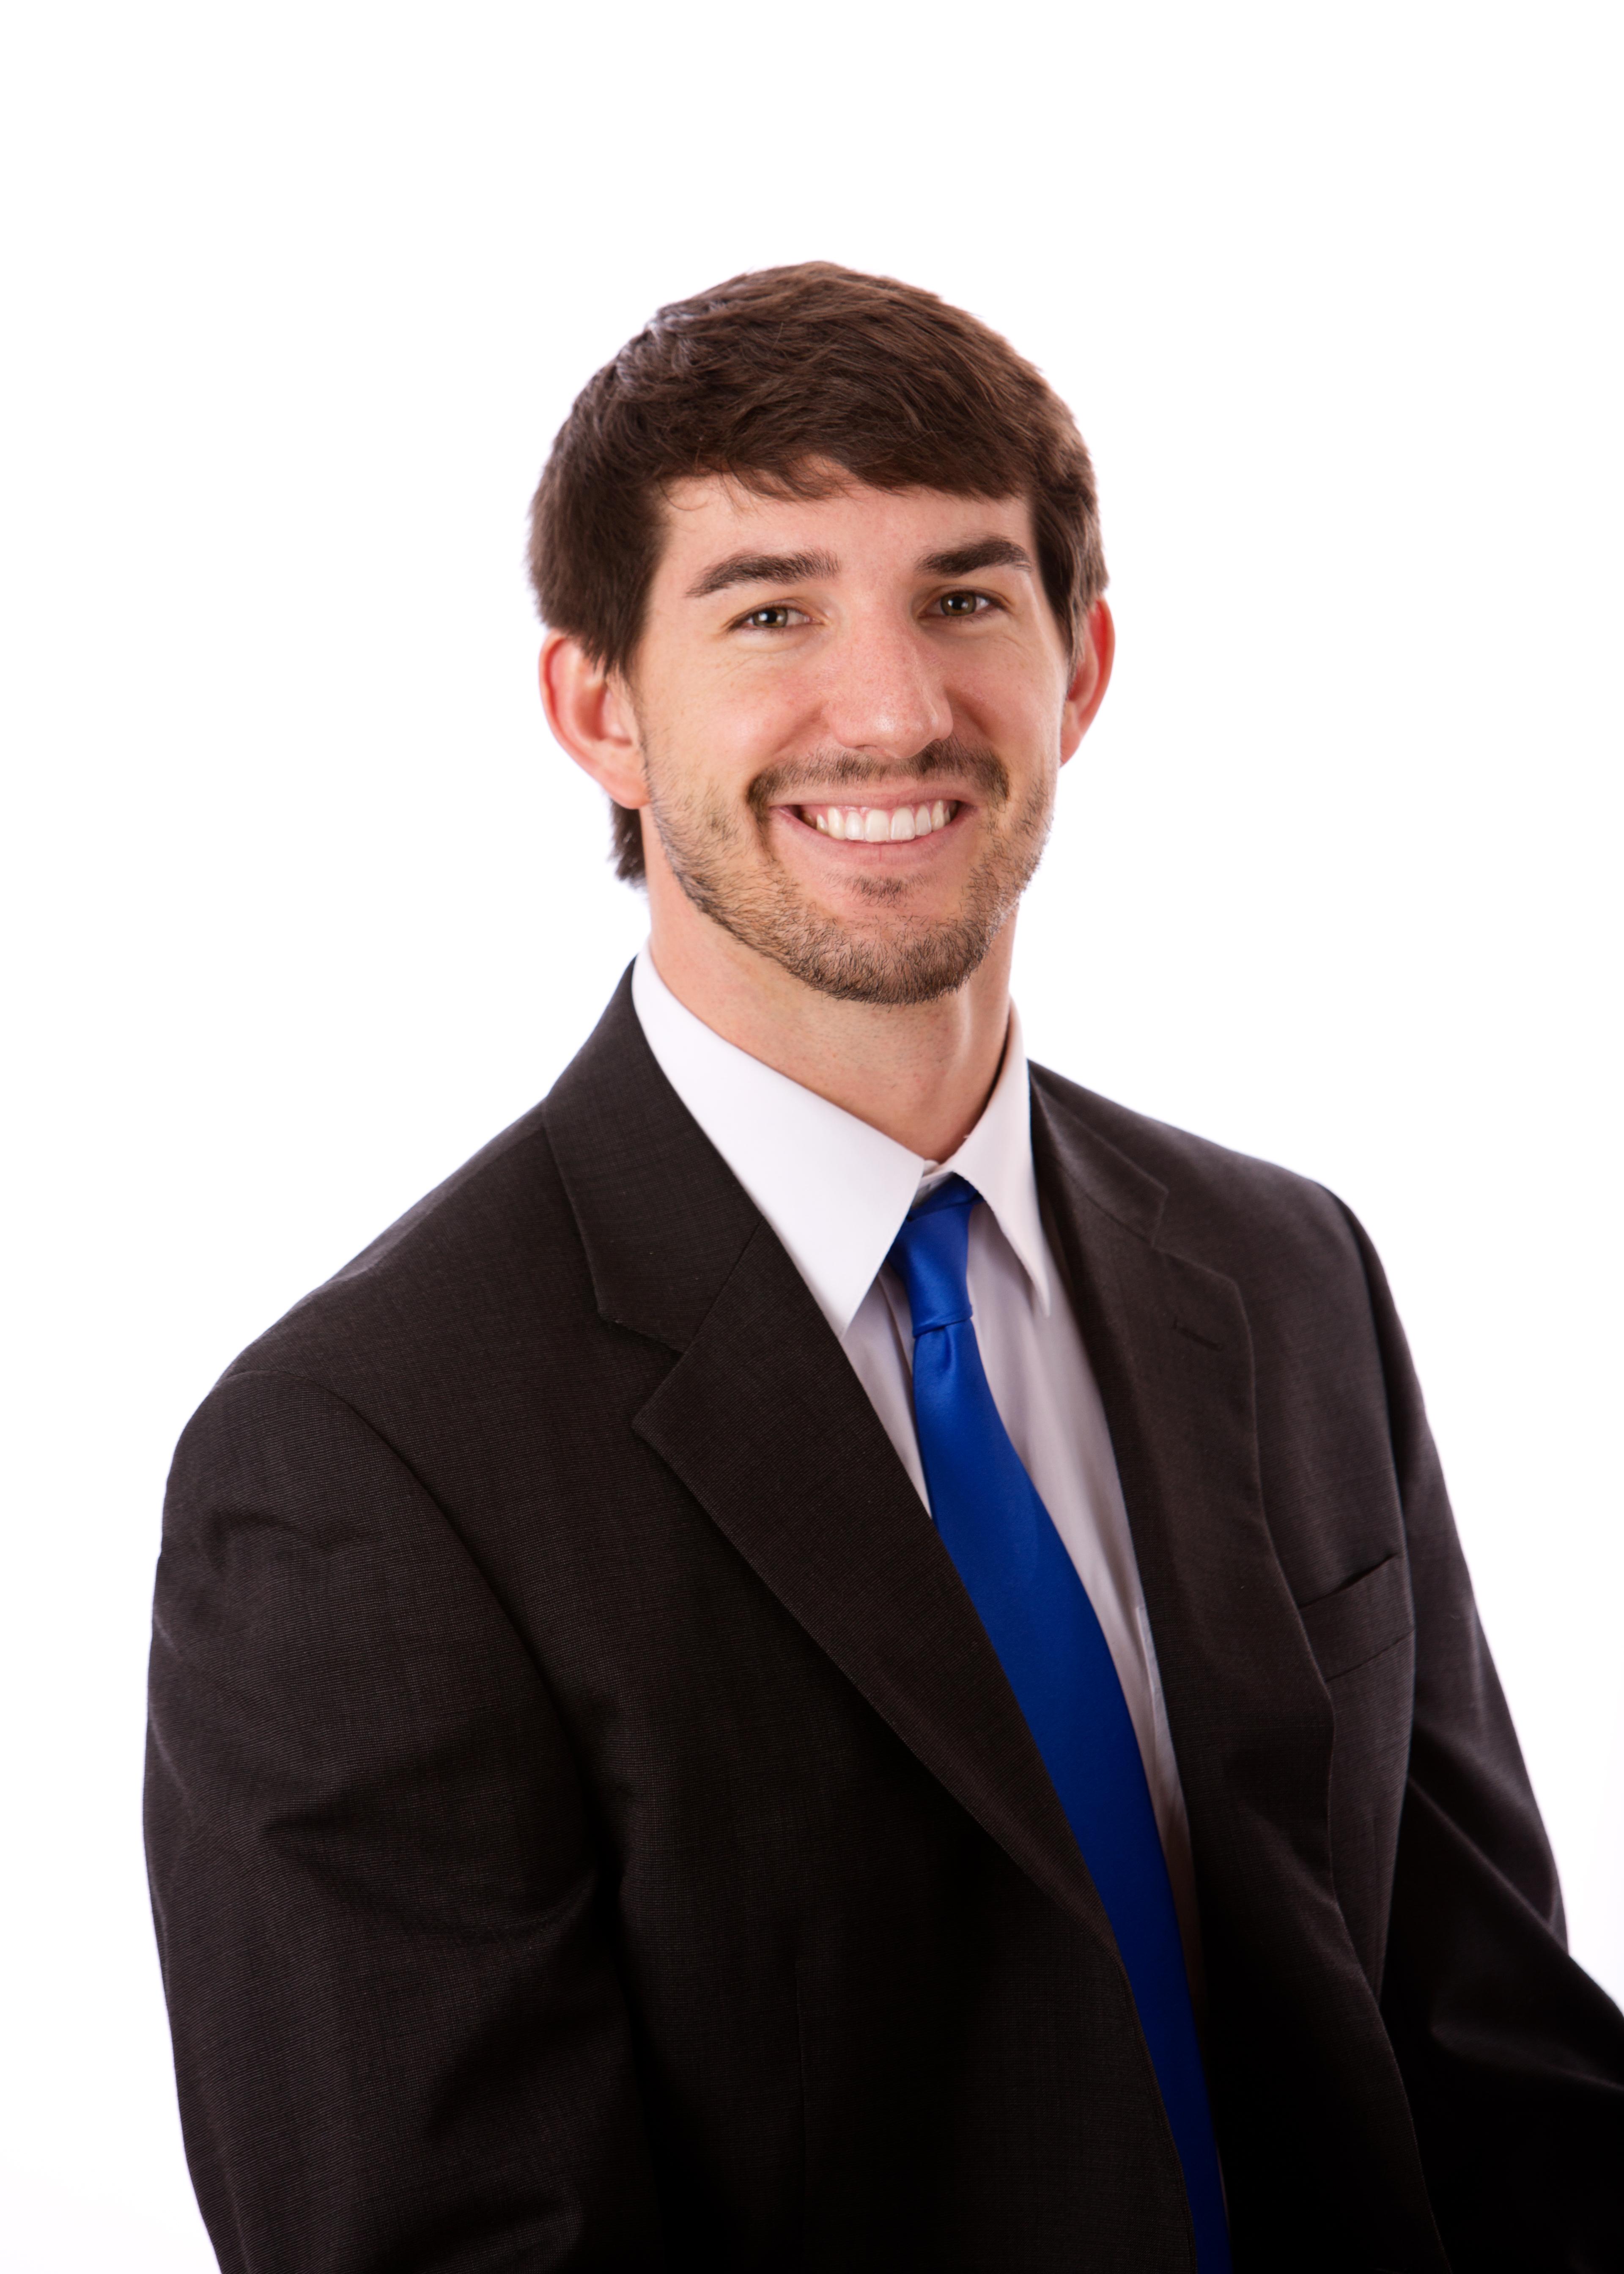 Chase Jolander